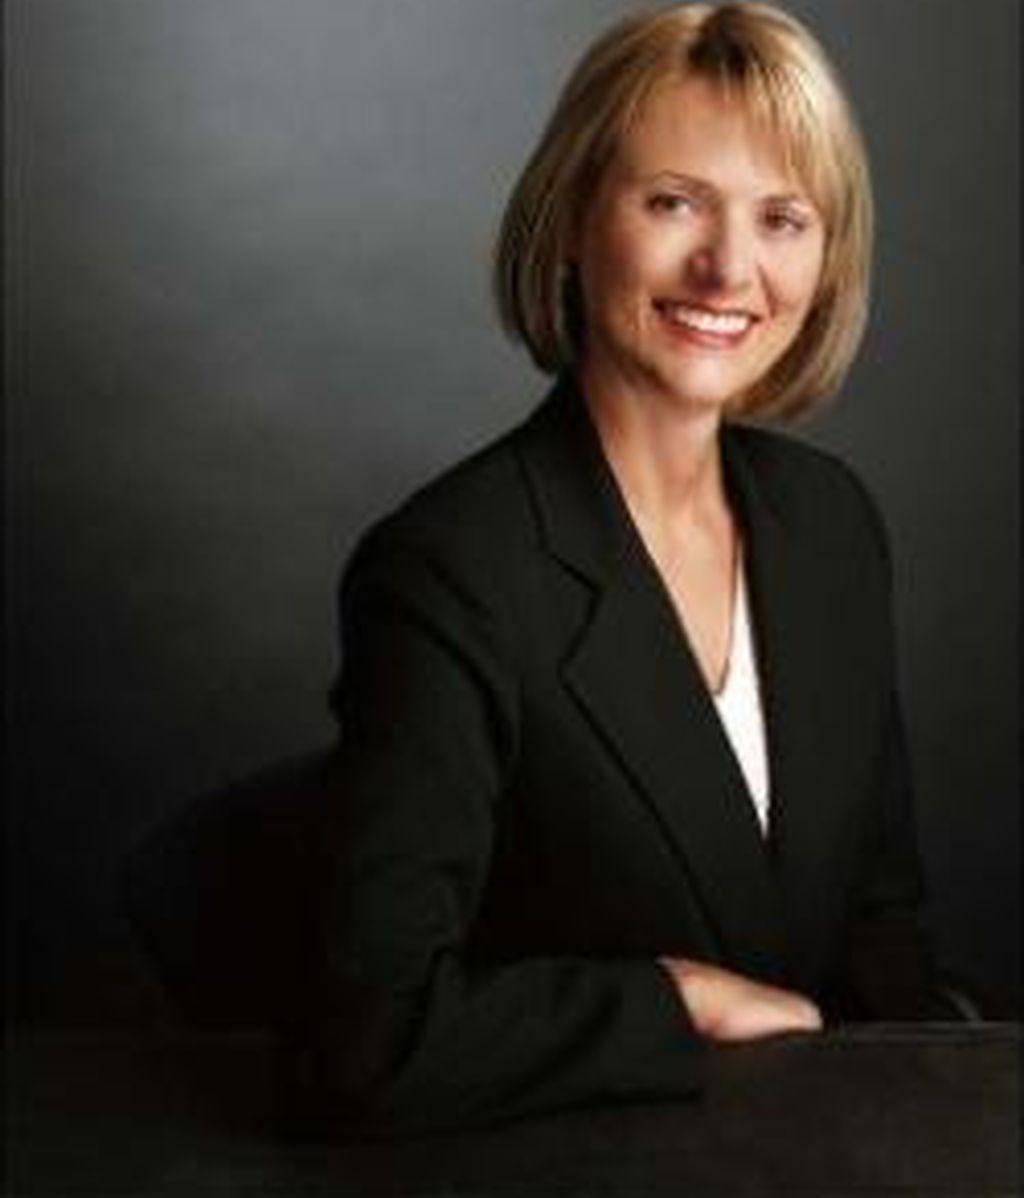 Carol Bartz en una imagen de archivo